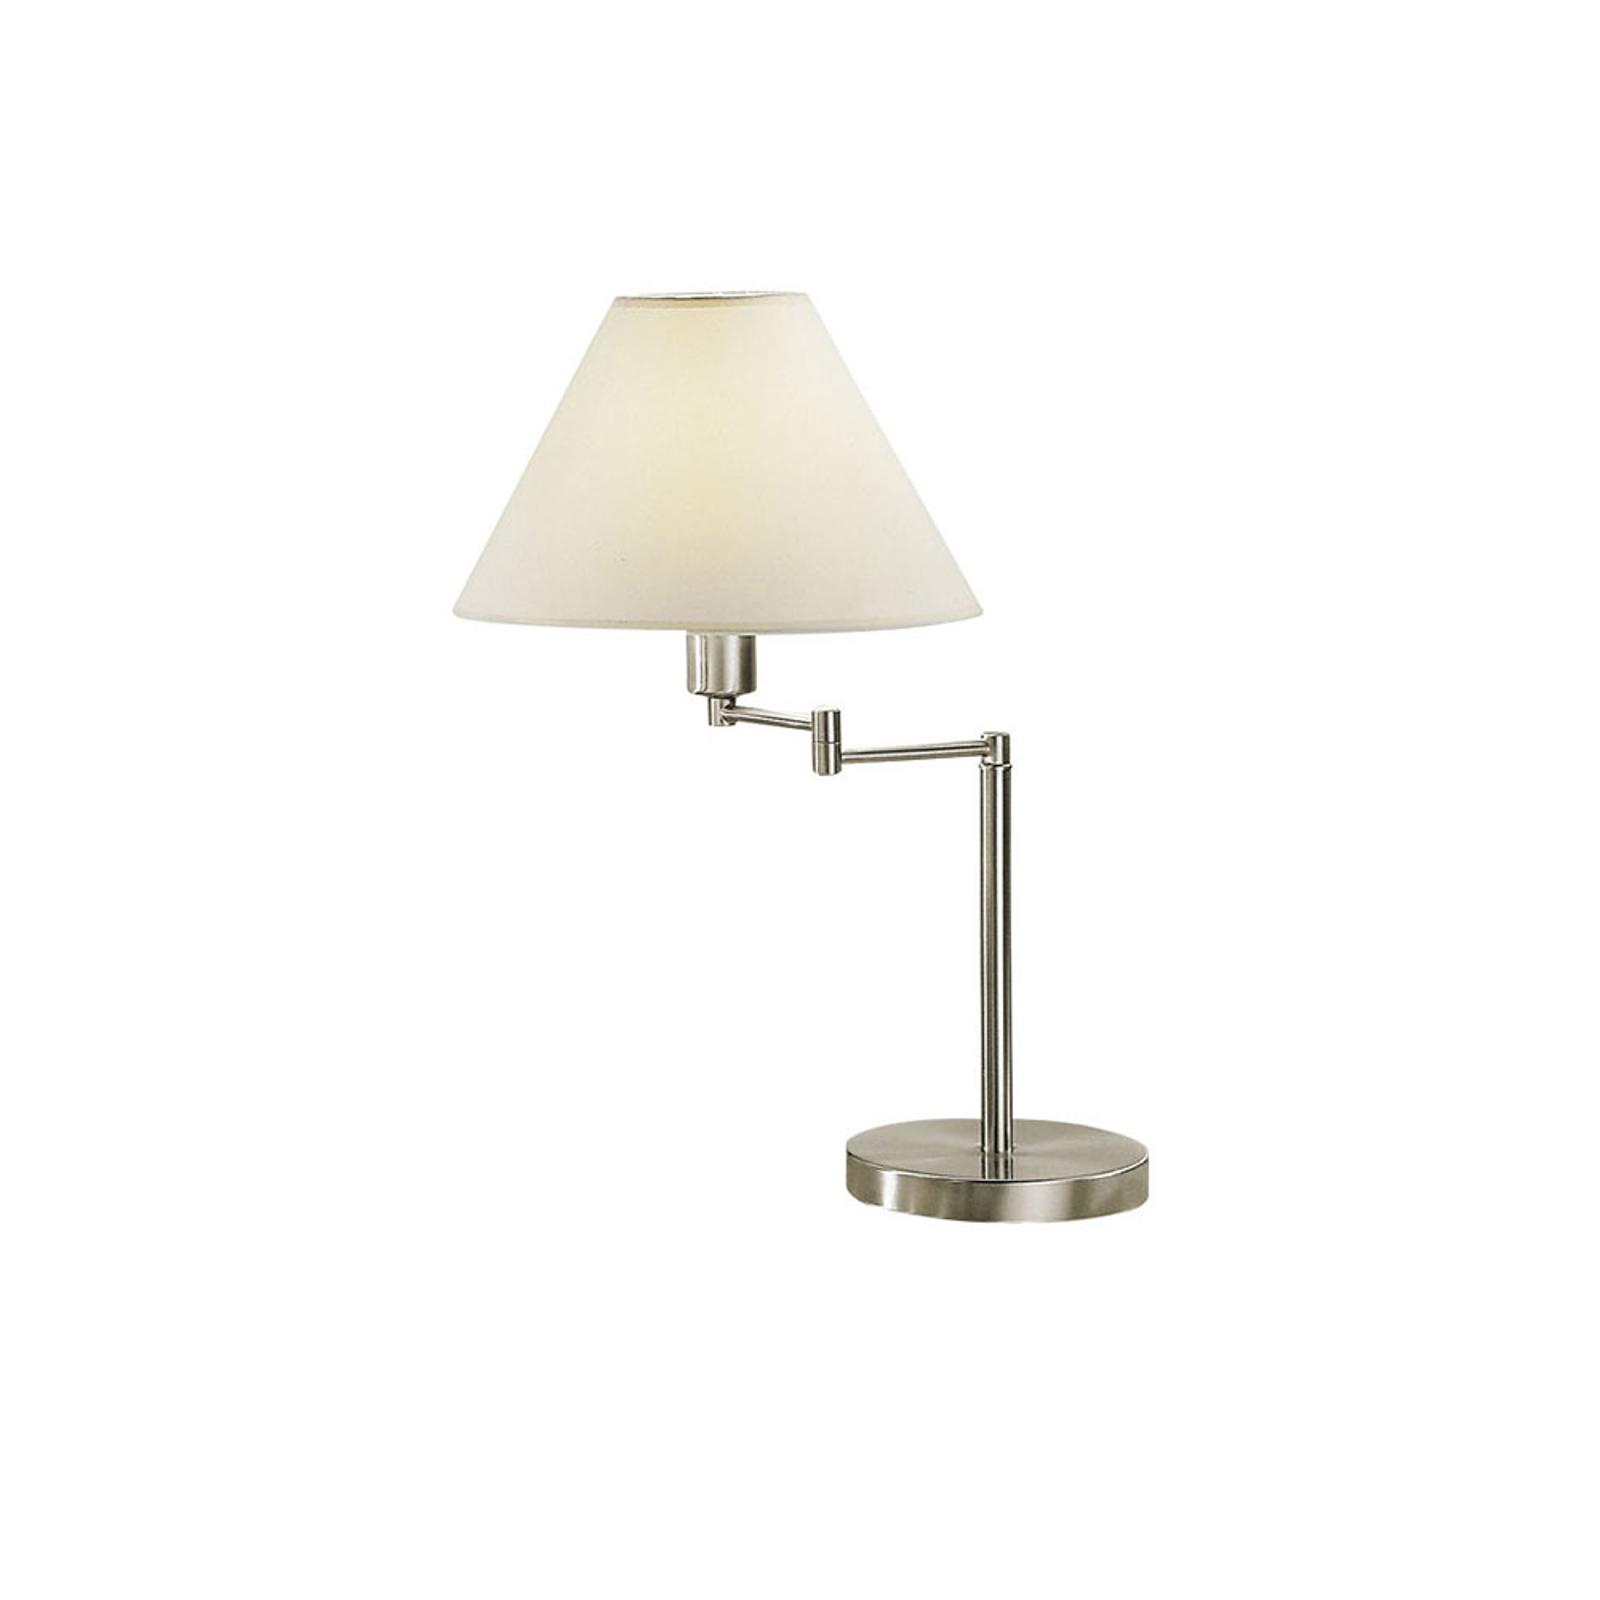 Lampa stołowa Hilton, wychylna, nikiel